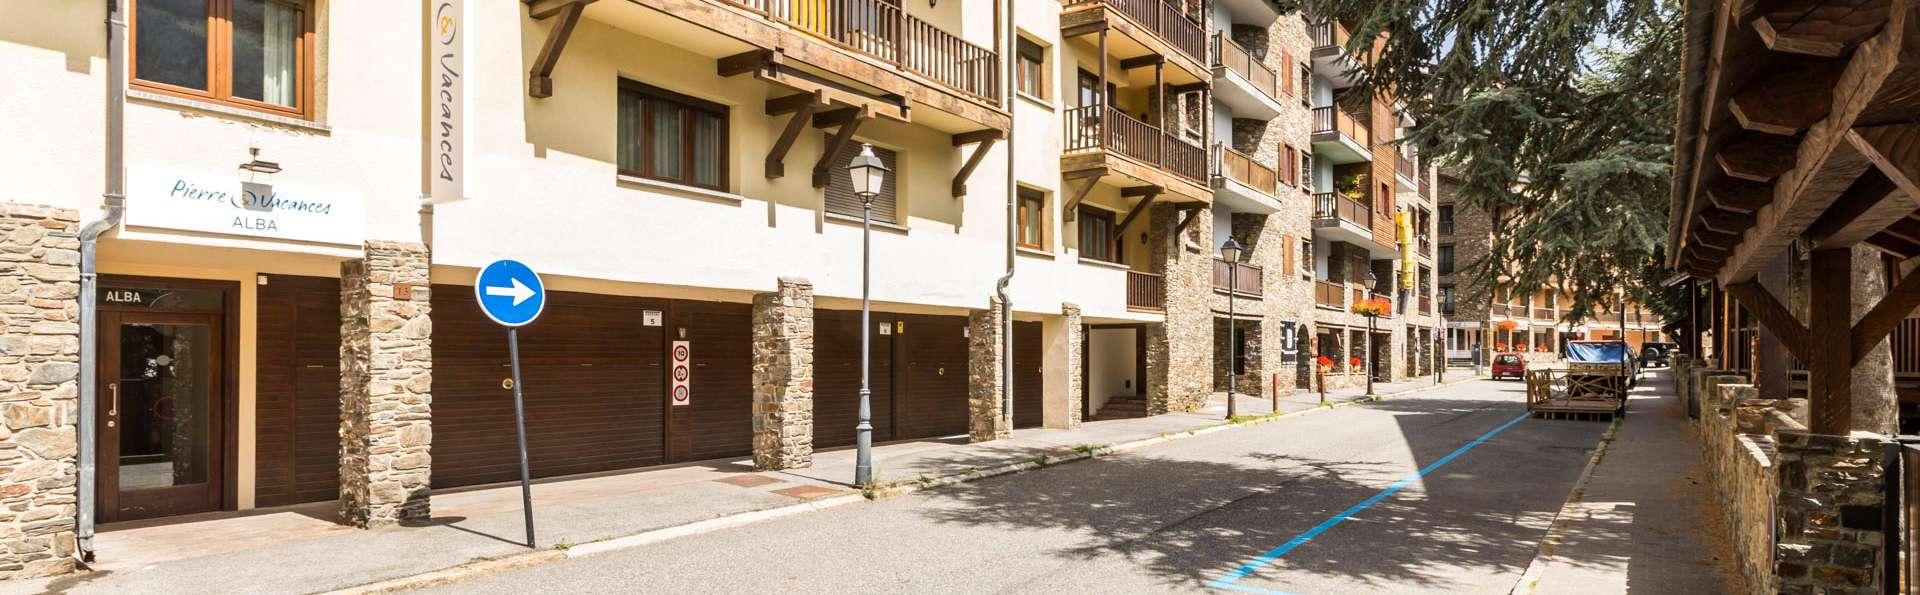 Apartamentos Andorra Alba El Tarter - EDIT_NEW_FRONT_01.jpg